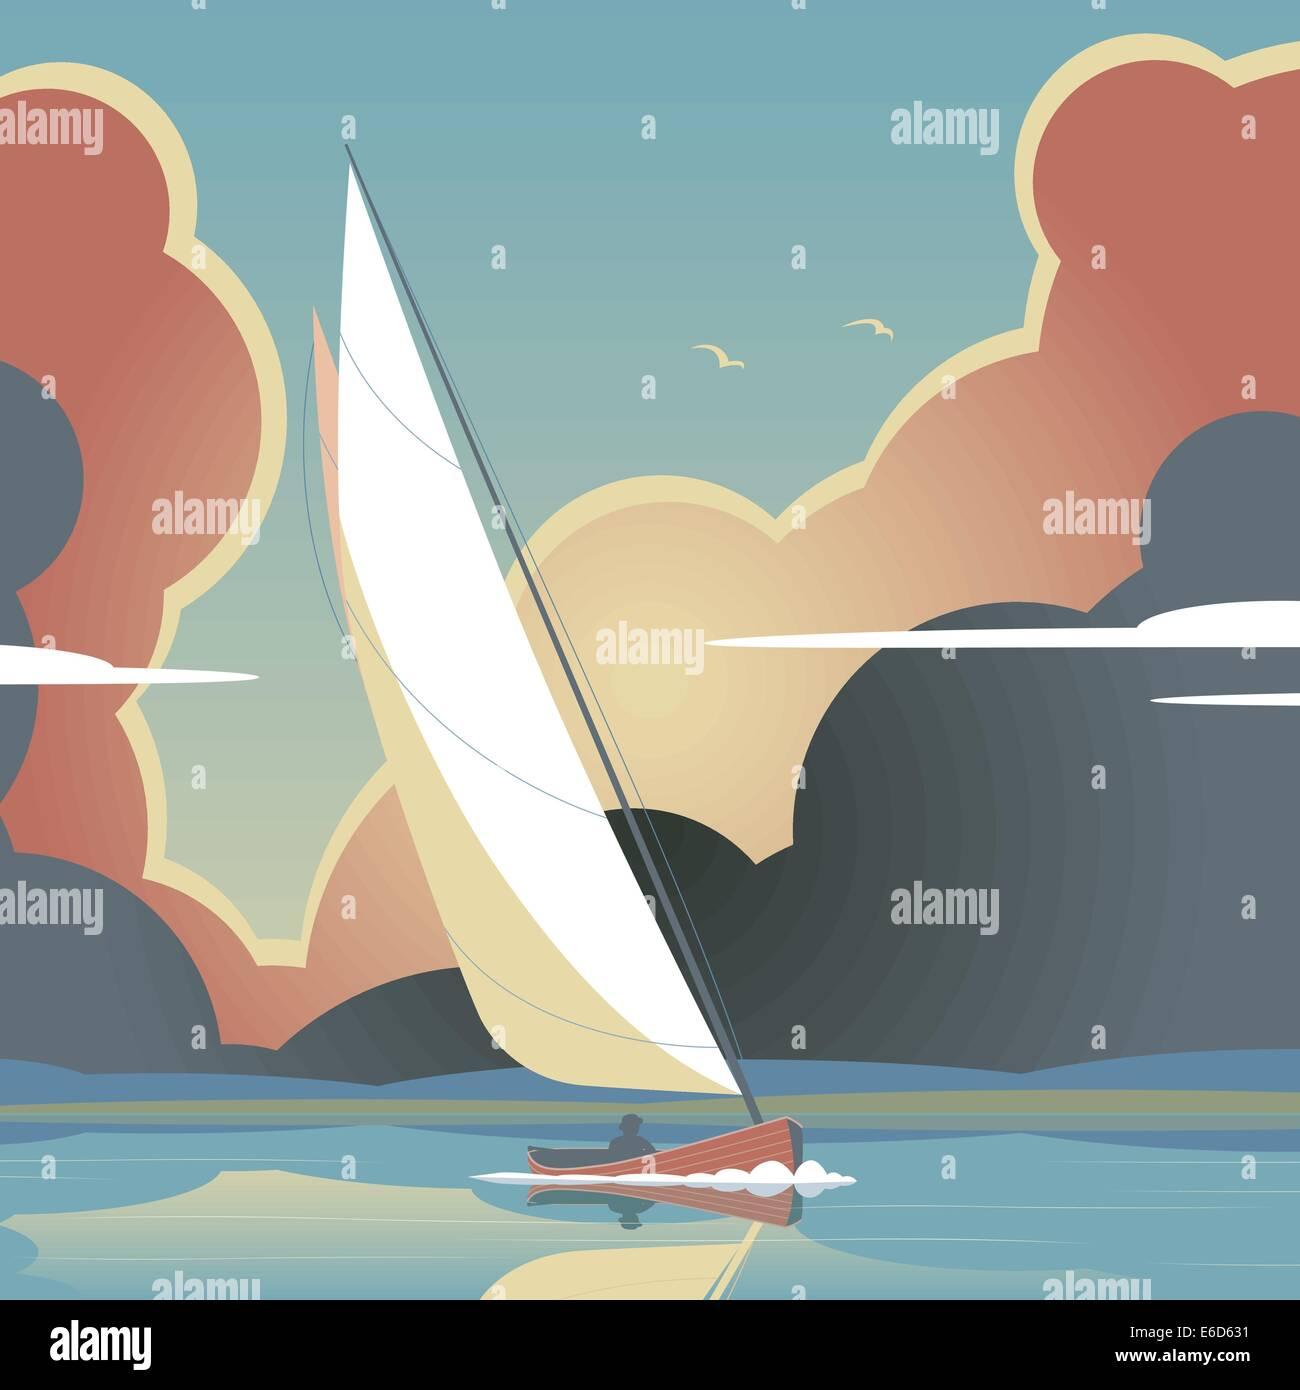 Ilustração do vetor editável de um homem um iate à vela sobre águas calmas Imagens de Stock